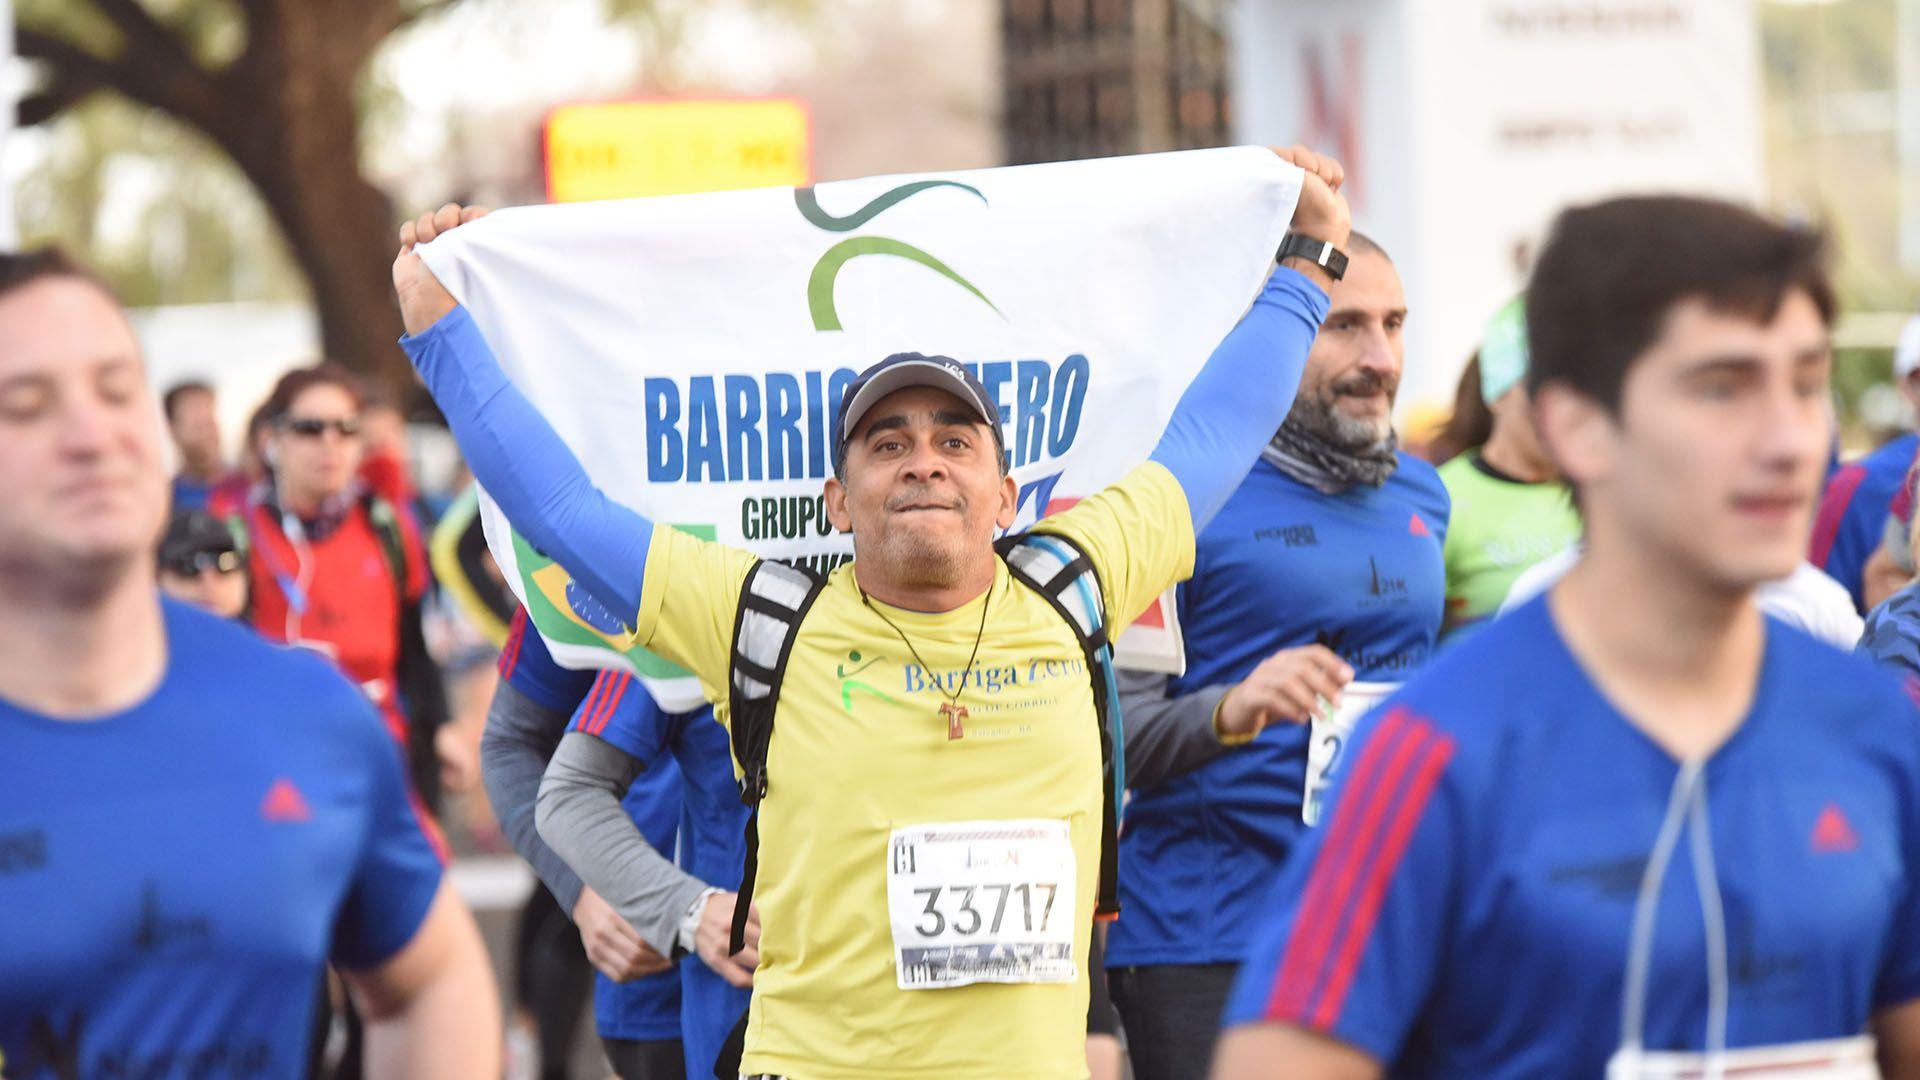 Algunos de los participantes corrieron la media maratón con banderas